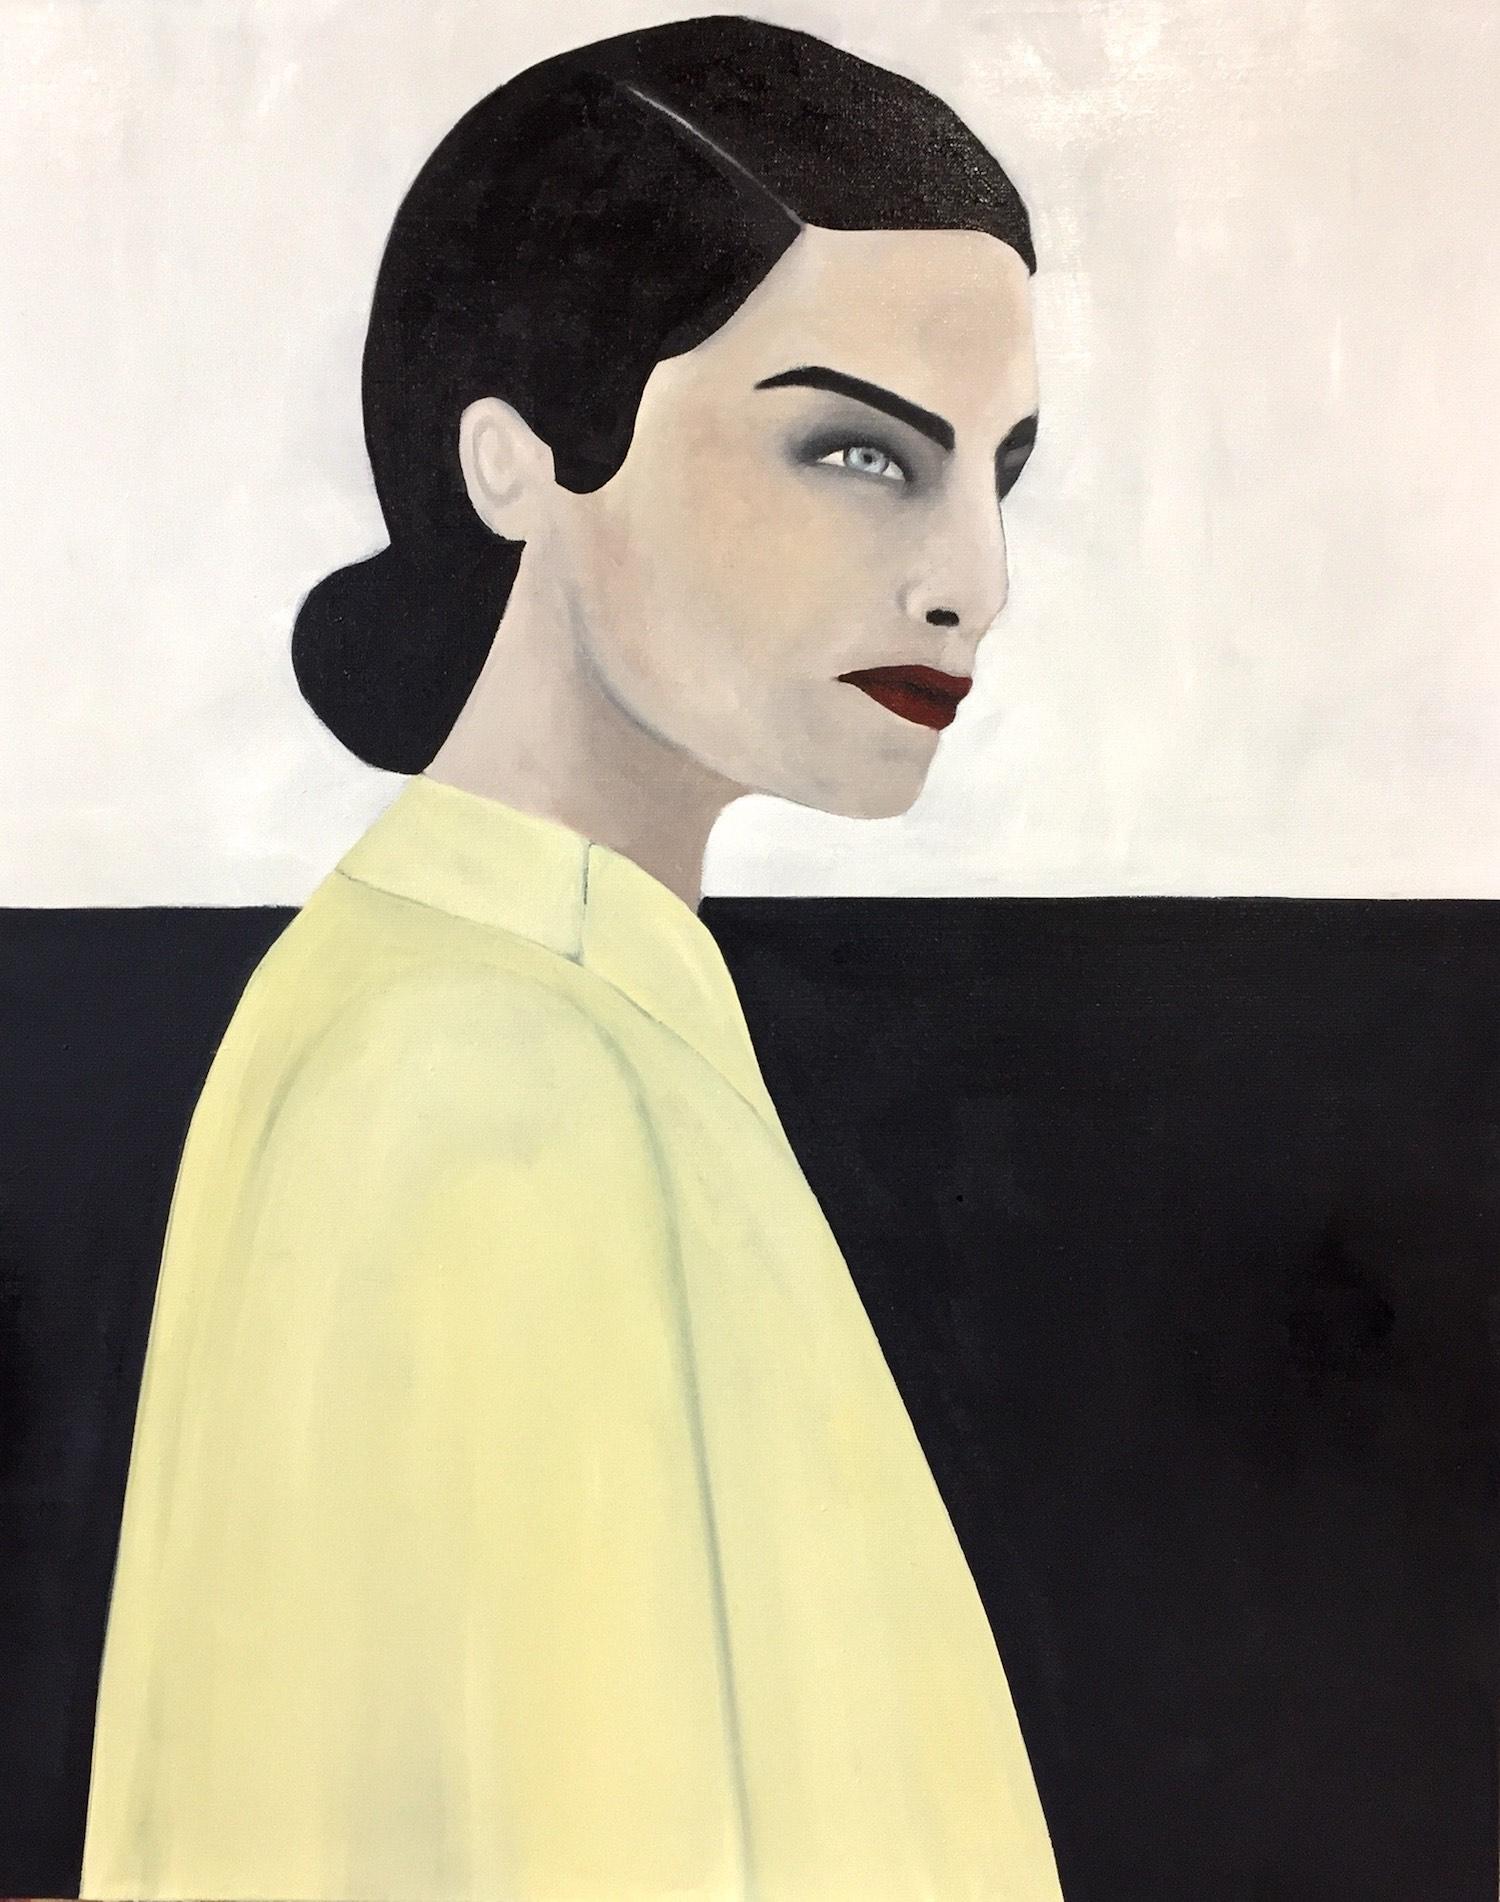 Shir femme brune aux yeux clairs haut jaune